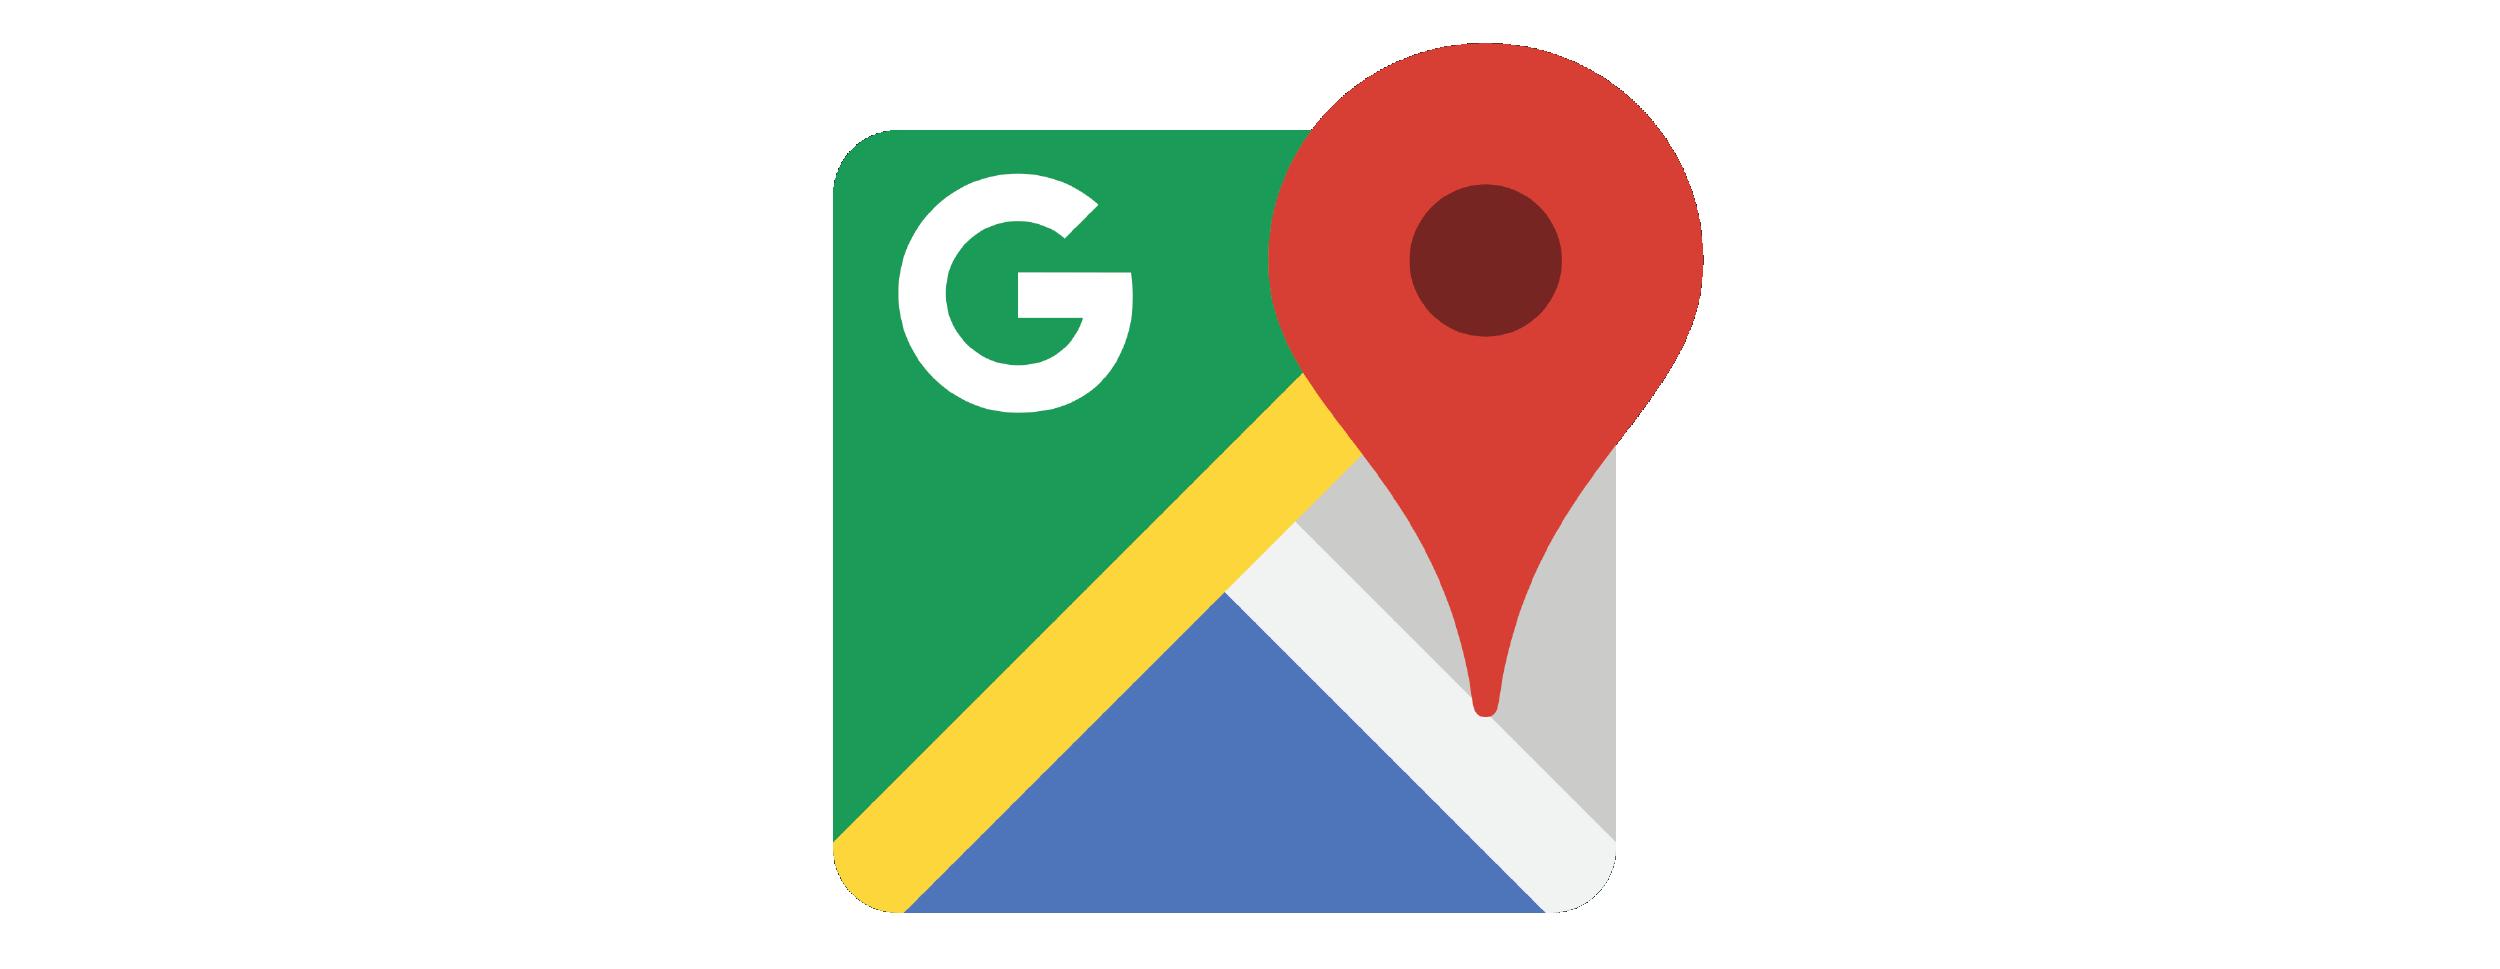 google maps logo 01 netpremacy. Black Bedroom Furniture Sets. Home Design Ideas